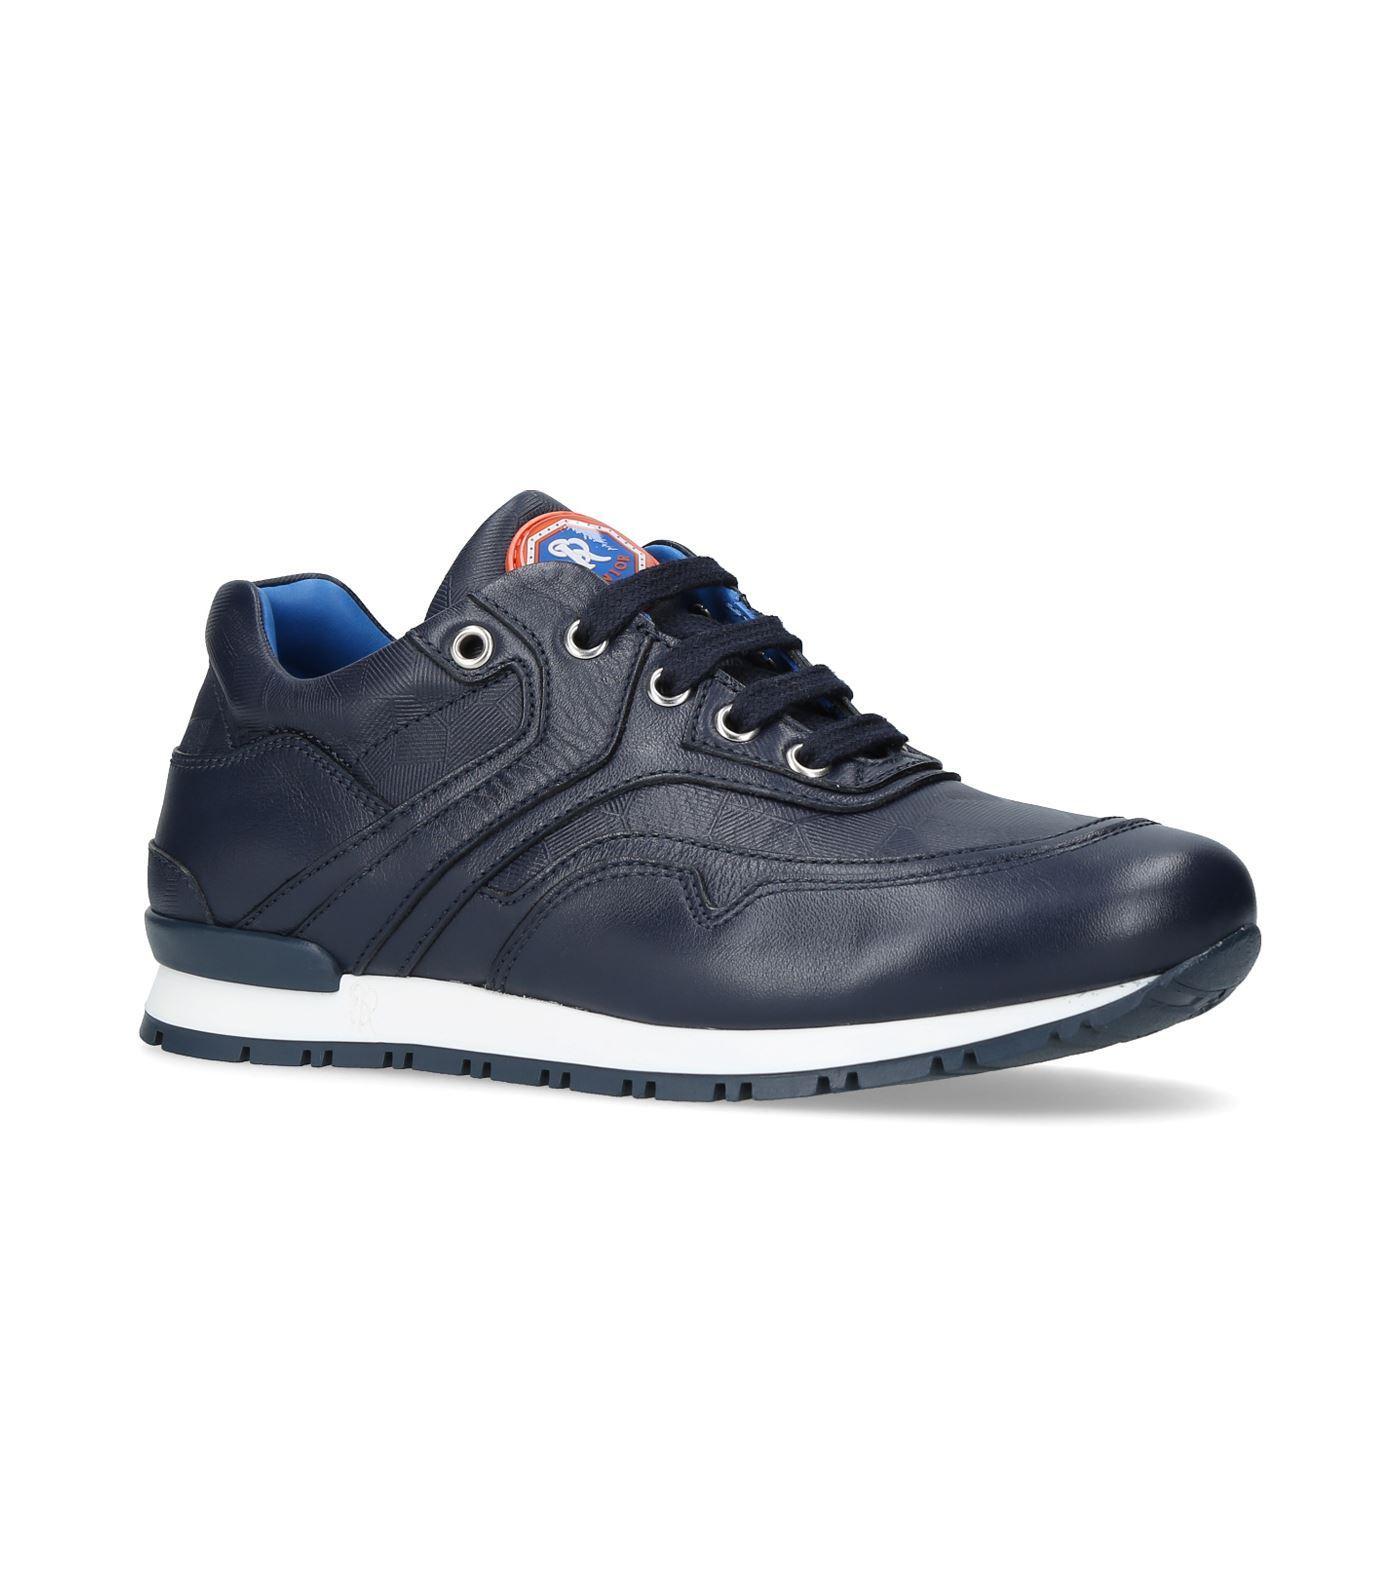 Stefano Ricci Bentley Low-top Sneakers In Navy